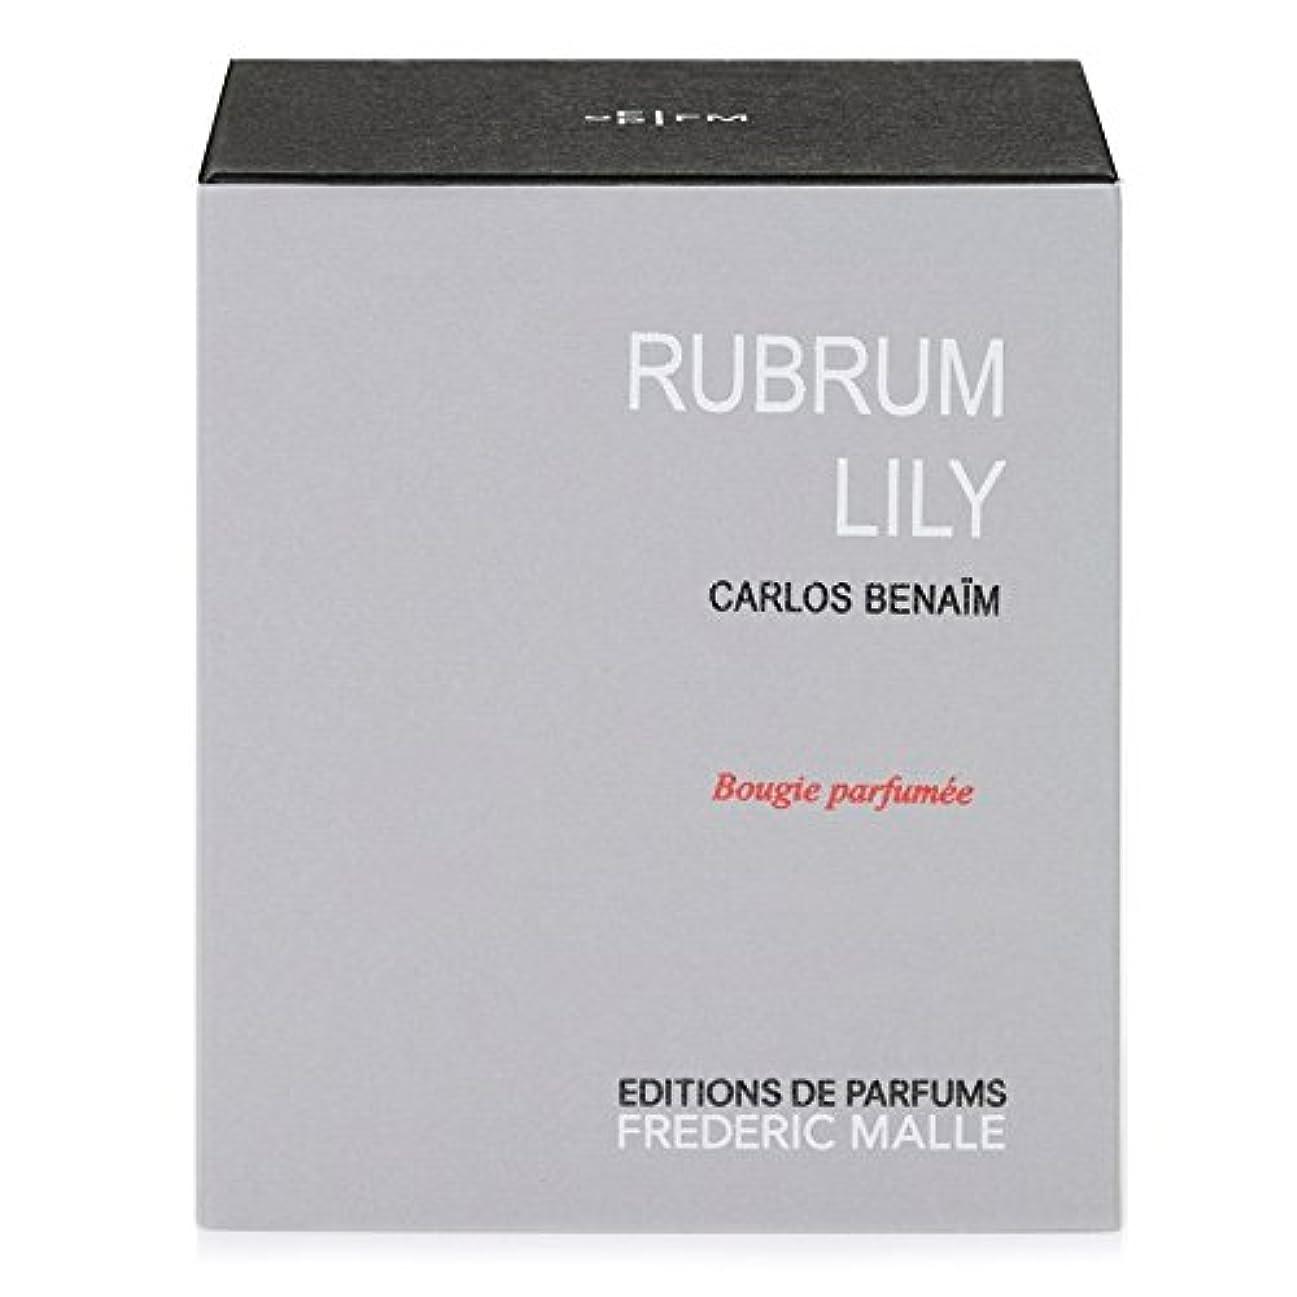 アームストロング後ろにシガレットFrederic Malle Rubrum Lily Scented Candle - フレデリック?マルルブルムユリの香りのキャンドル [並行輸入品]